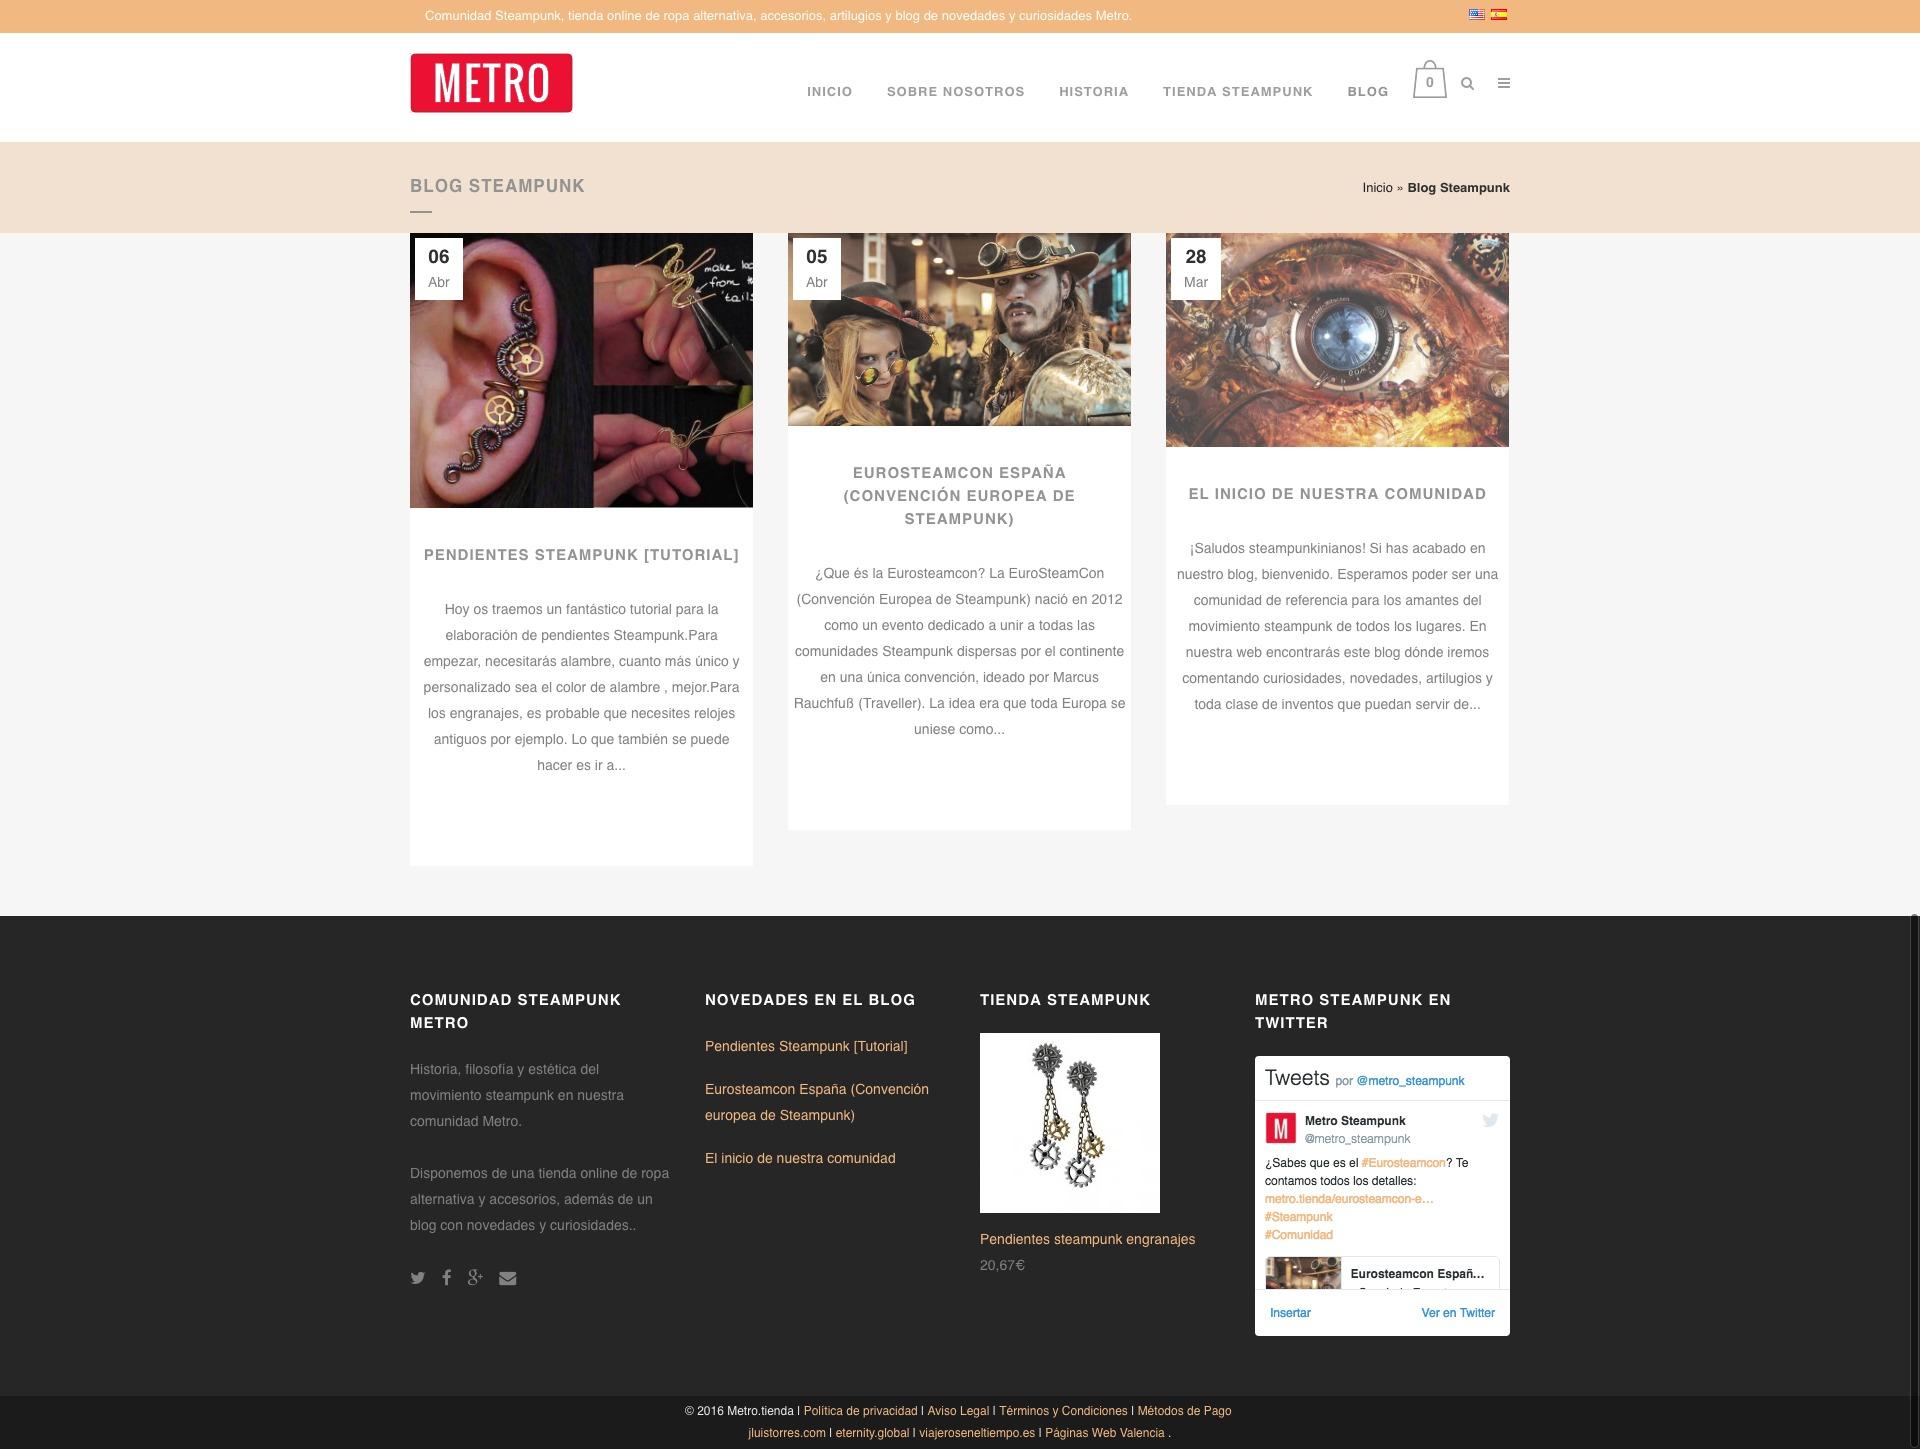 proyecto-diseno-web-freelance-tienda-online-metro-tienda-jose-luis-torres-03